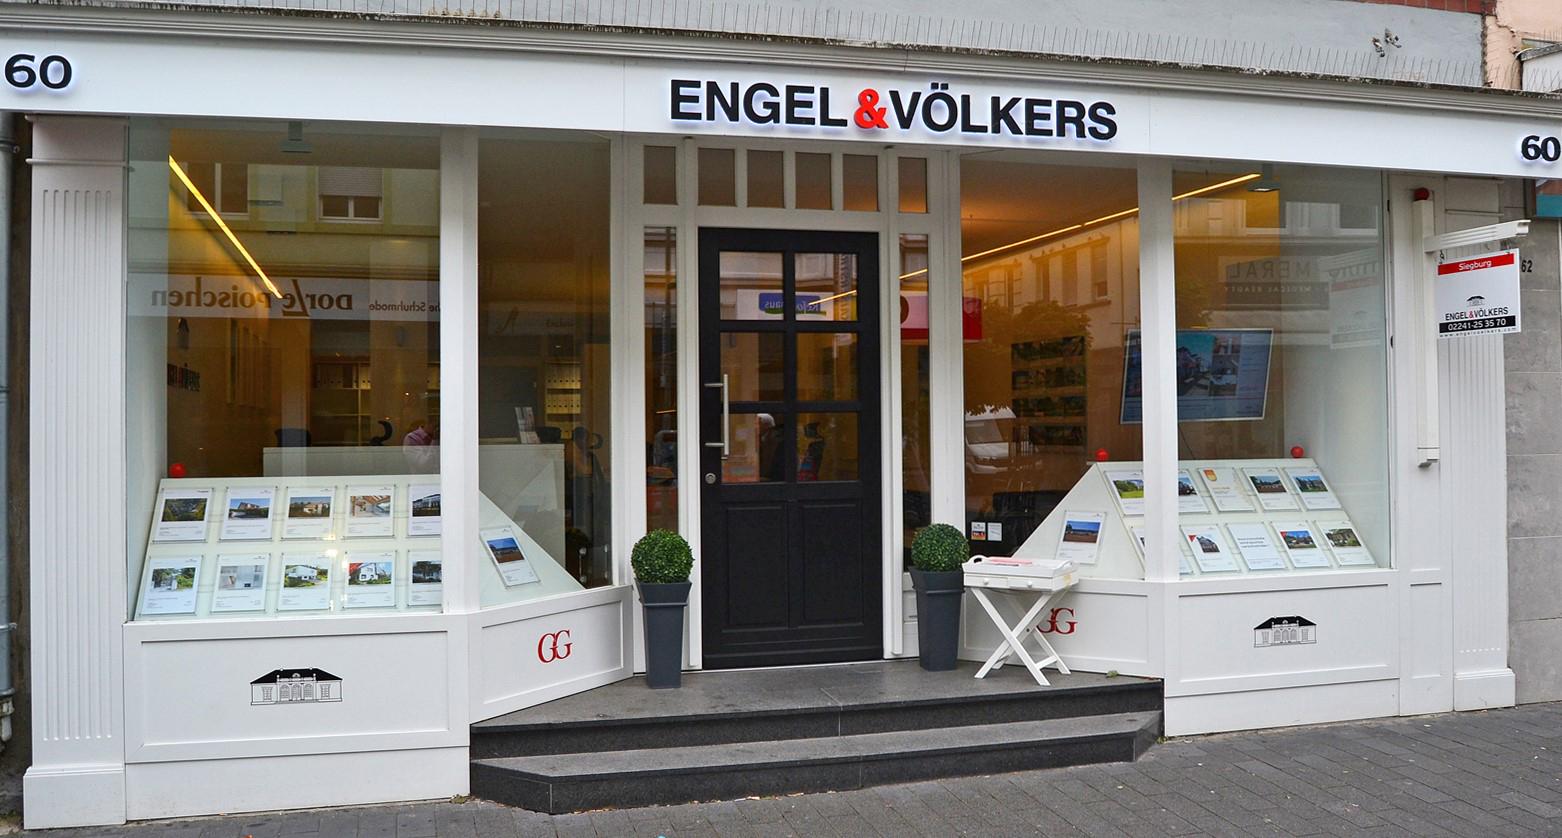 Das Bild zeigt den Geschäftsraum der Engel & Völkers, S.E.R. Immobilien GmbH